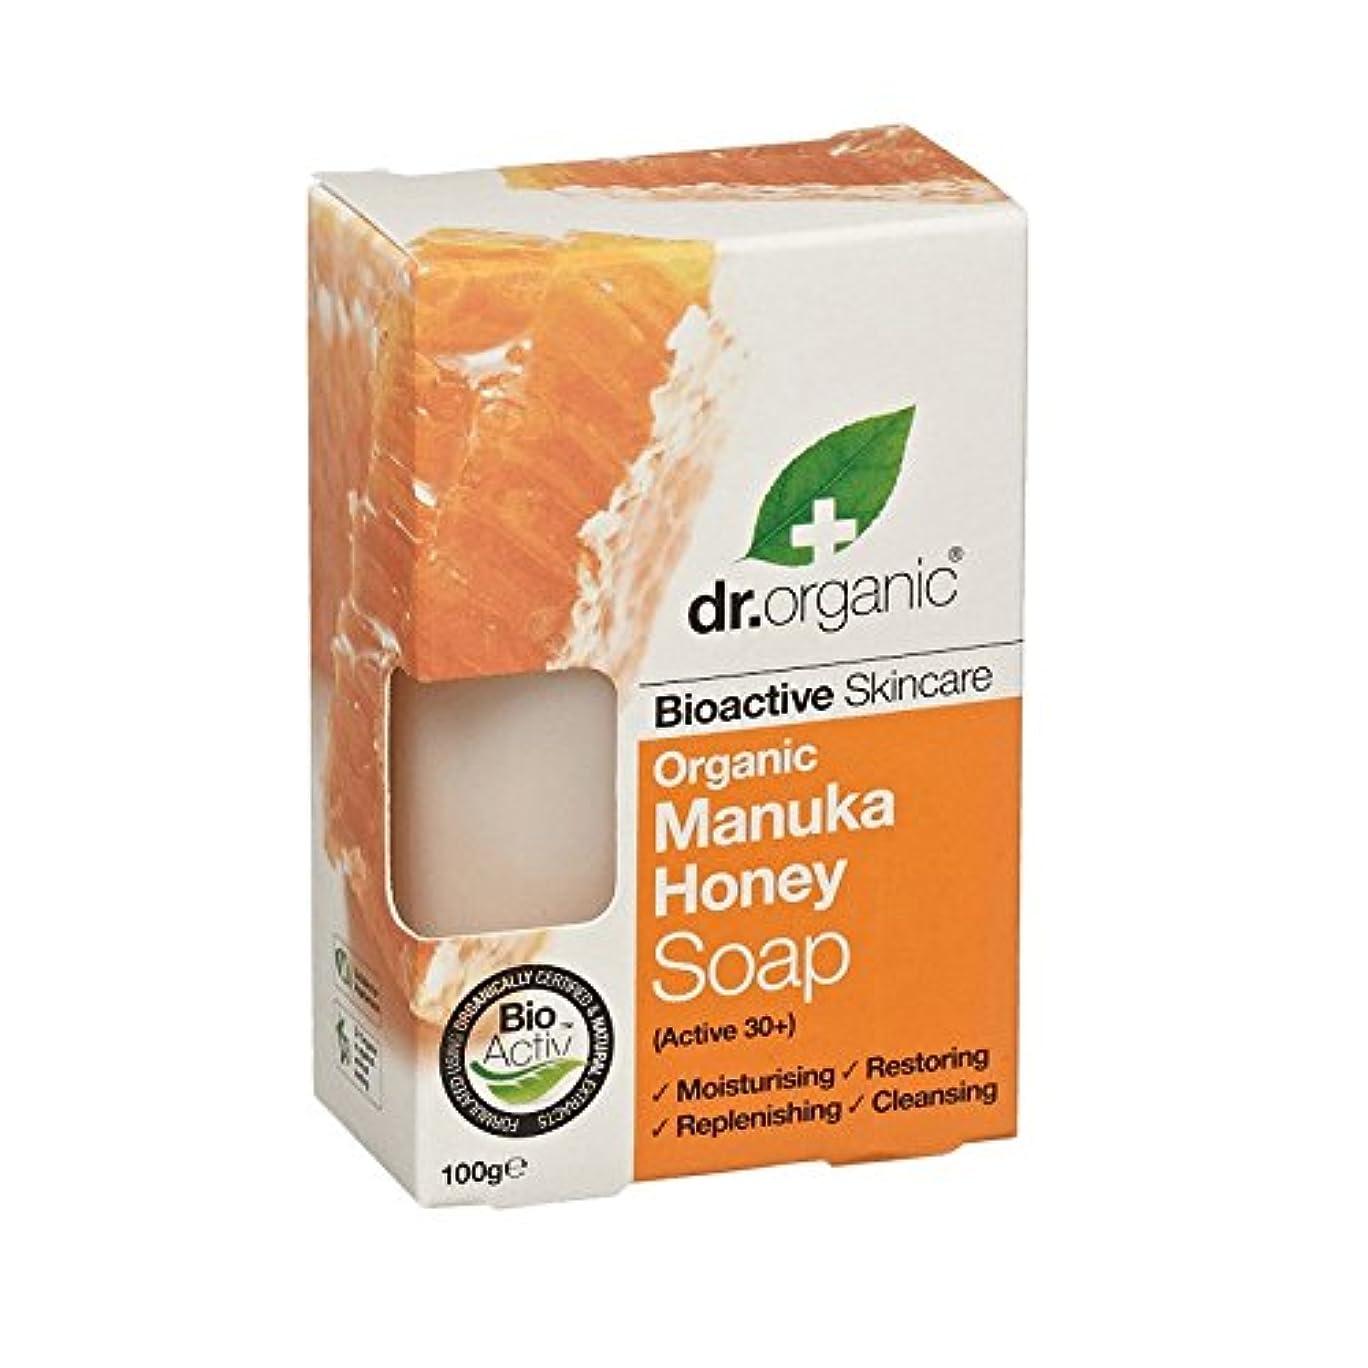 Dr Organic Manuka Honey Soap (Pack of 2) - Dr有機マヌカハニーソープ (x2) [並行輸入品]